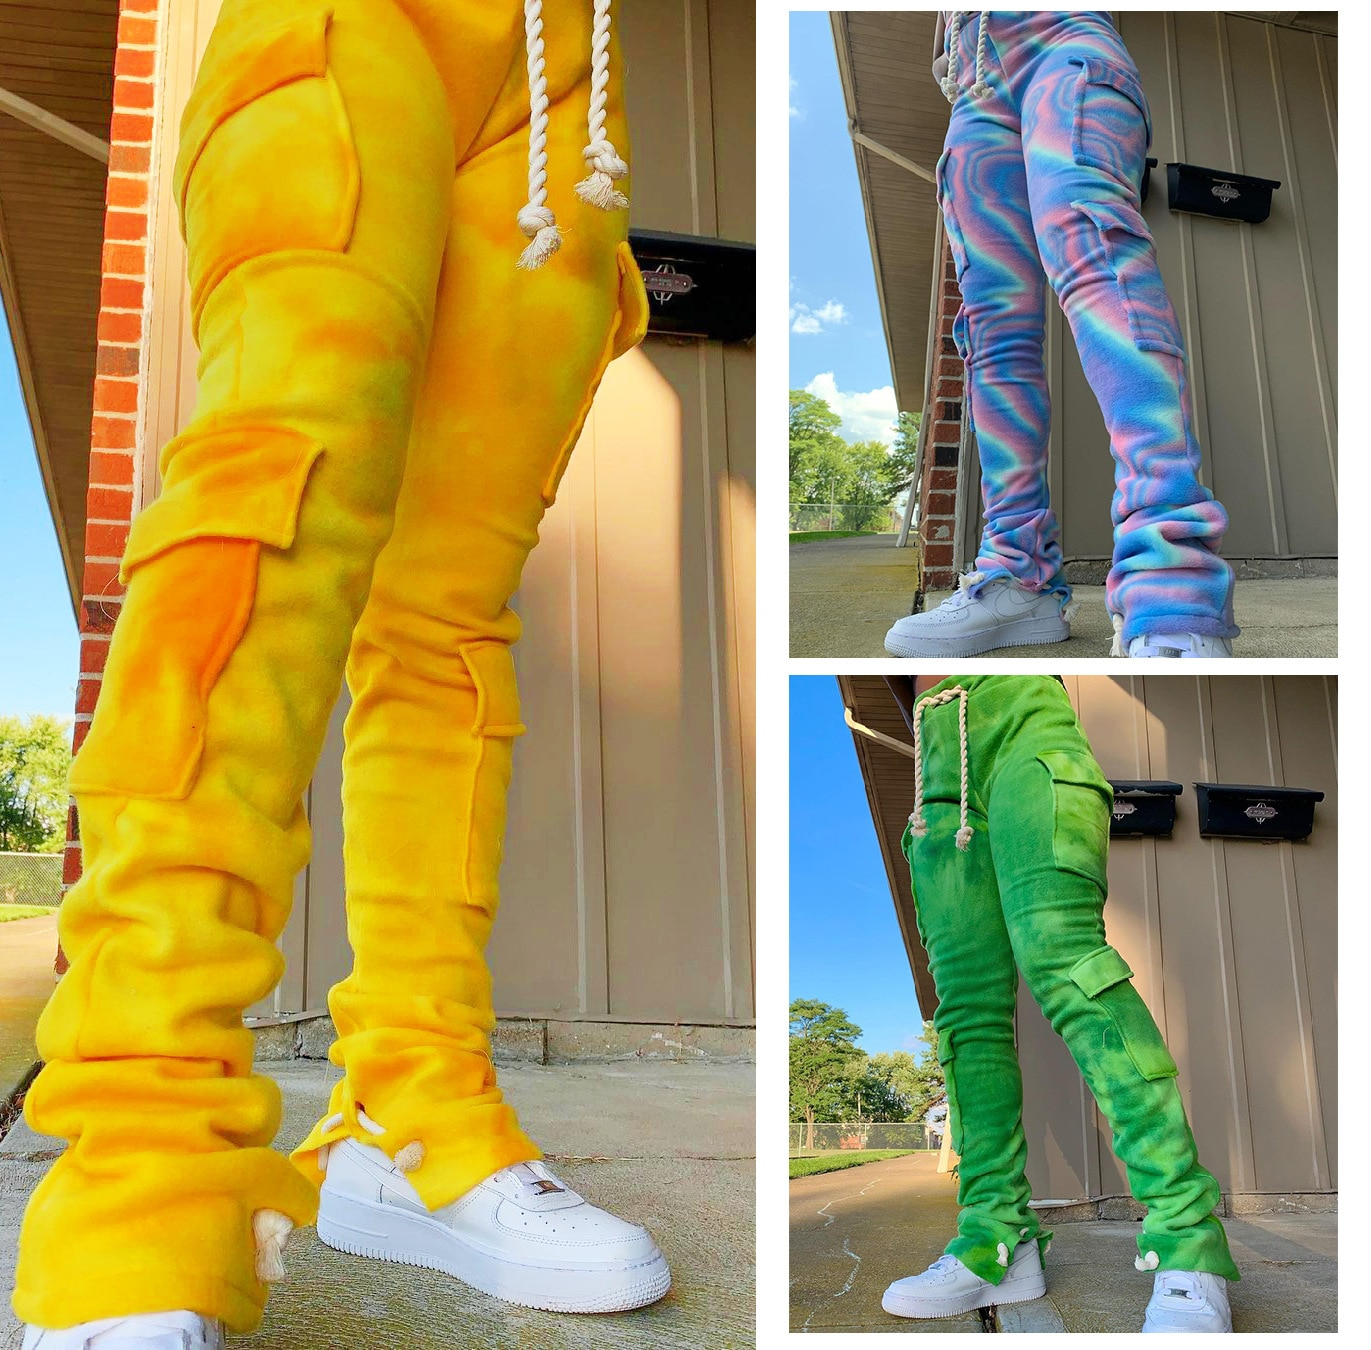 Новые повседневные Бархатные джоггеры, женские брюки, джоггеры на шнуровке с карманами, спортивные брюки с высокой талией, уличная одежда, з...